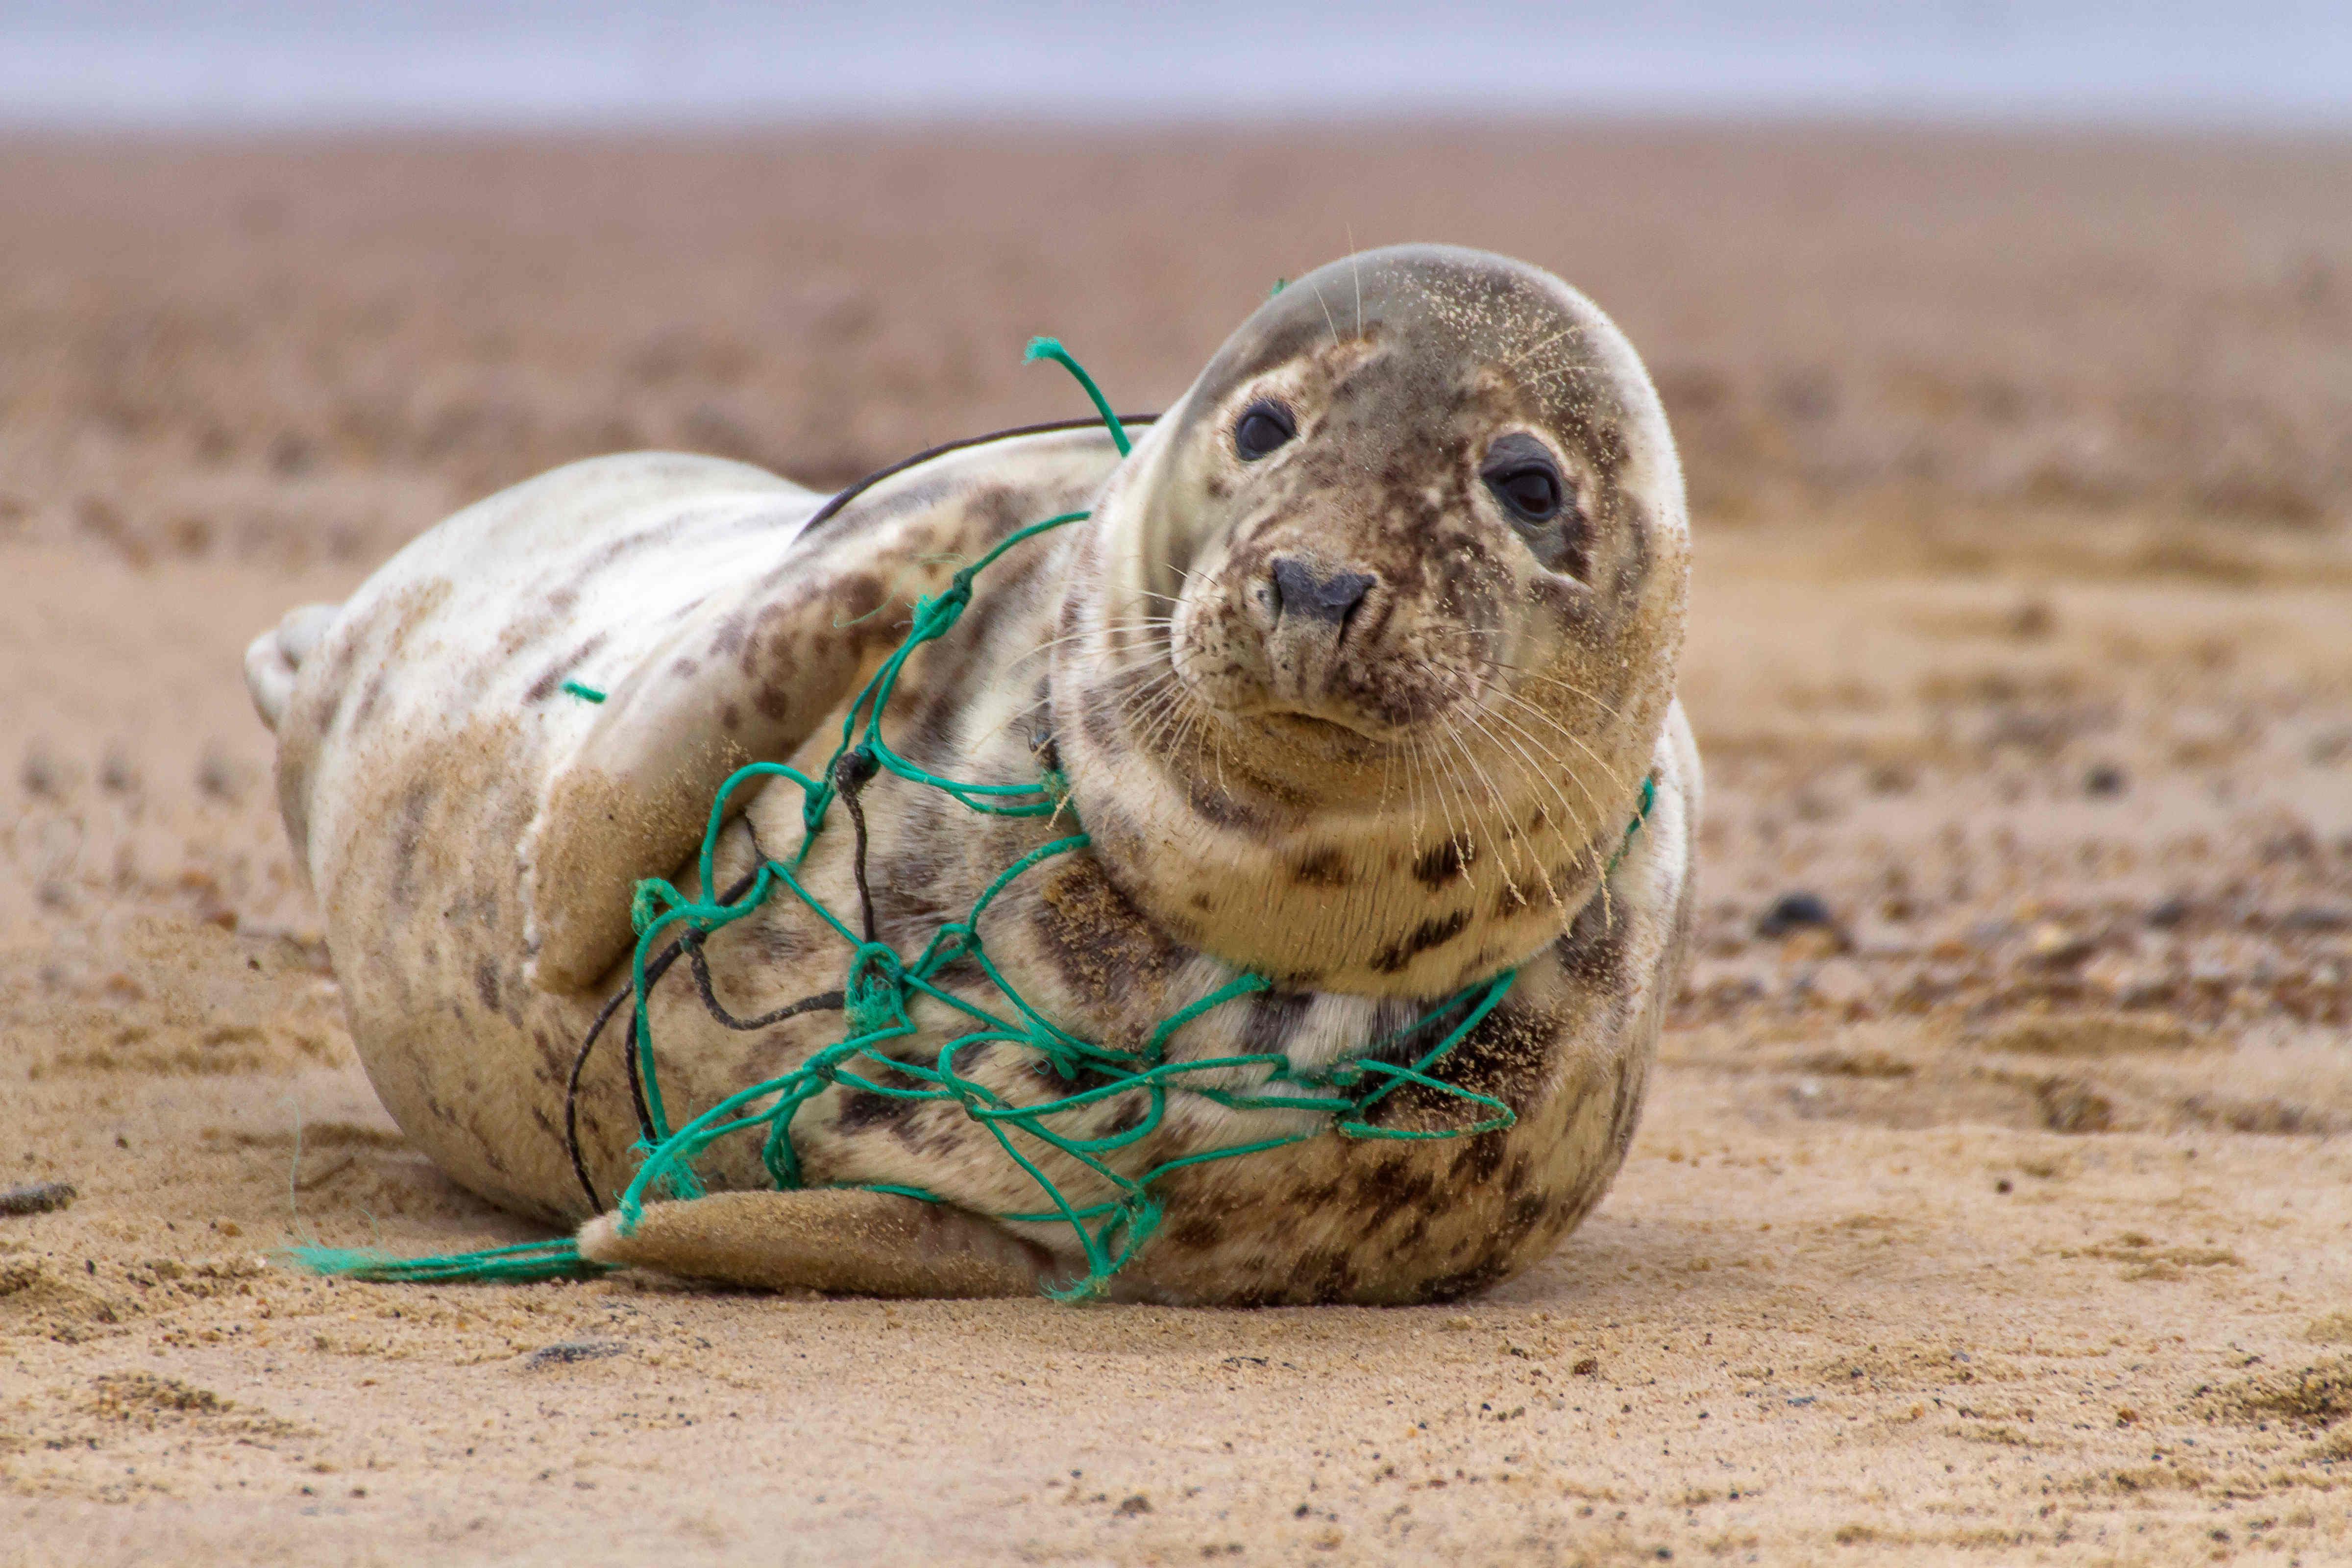 Eine Kegelrobbe hat sich in einem alten Fischernetz verfangen.